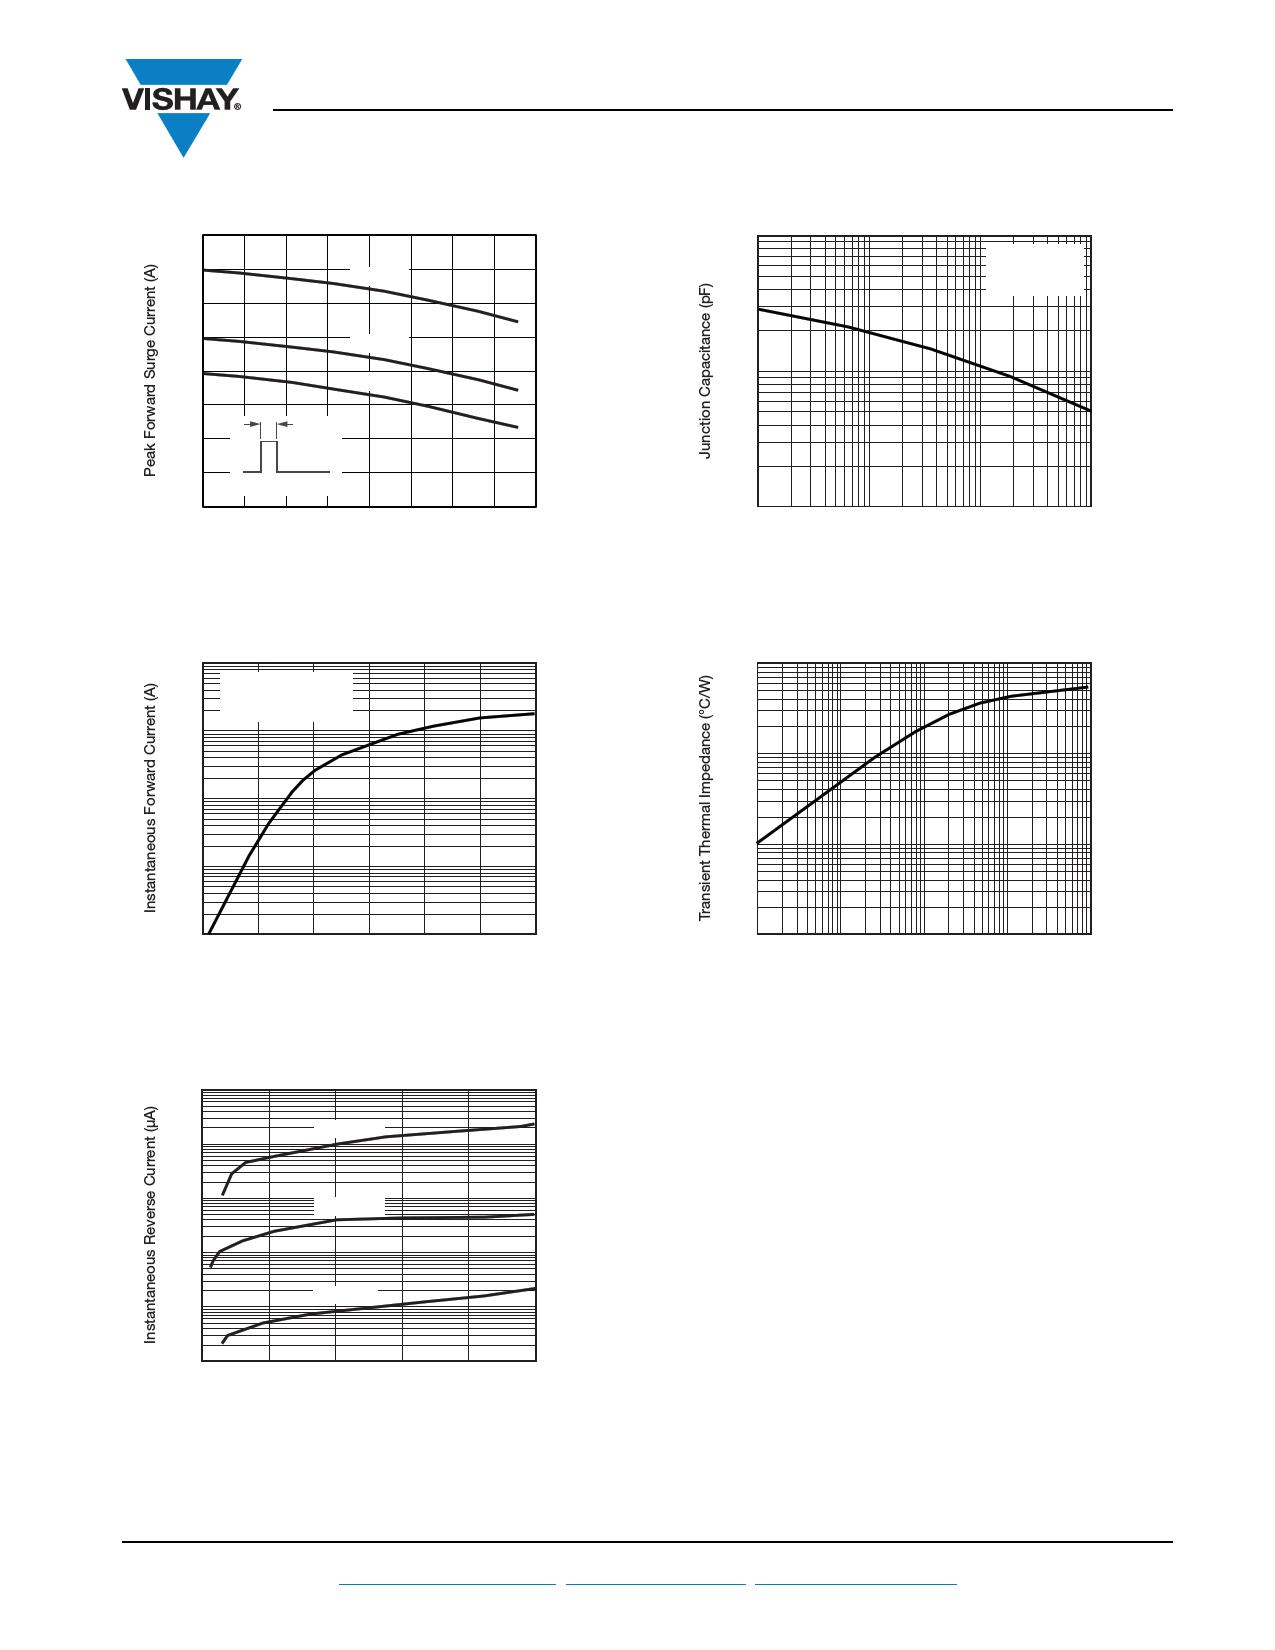 1N4004 pdf, ピン配列